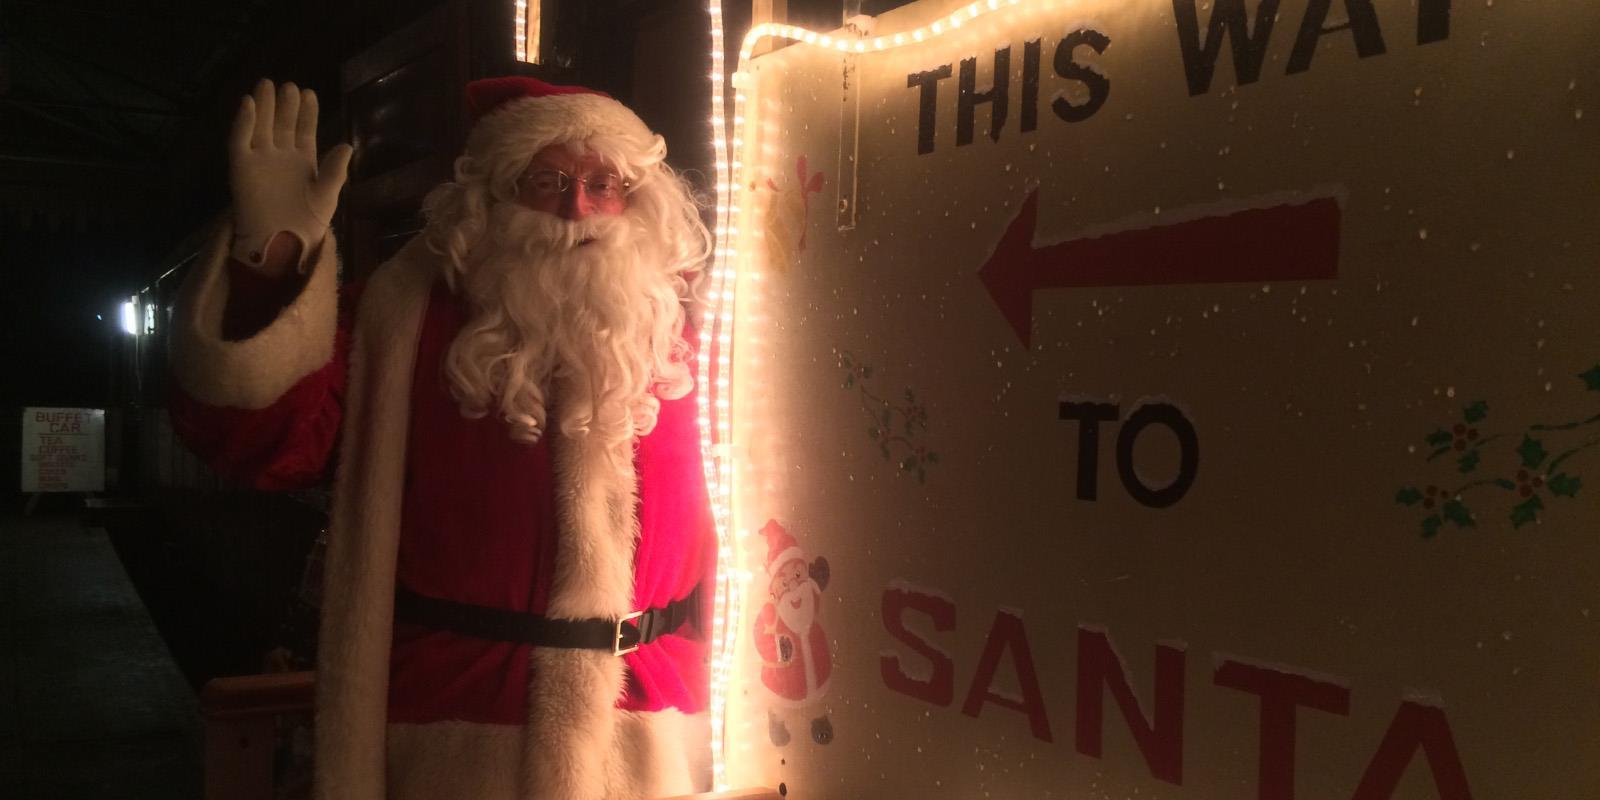 This way to Santa... Santa waits for more visitors to his magic workshop